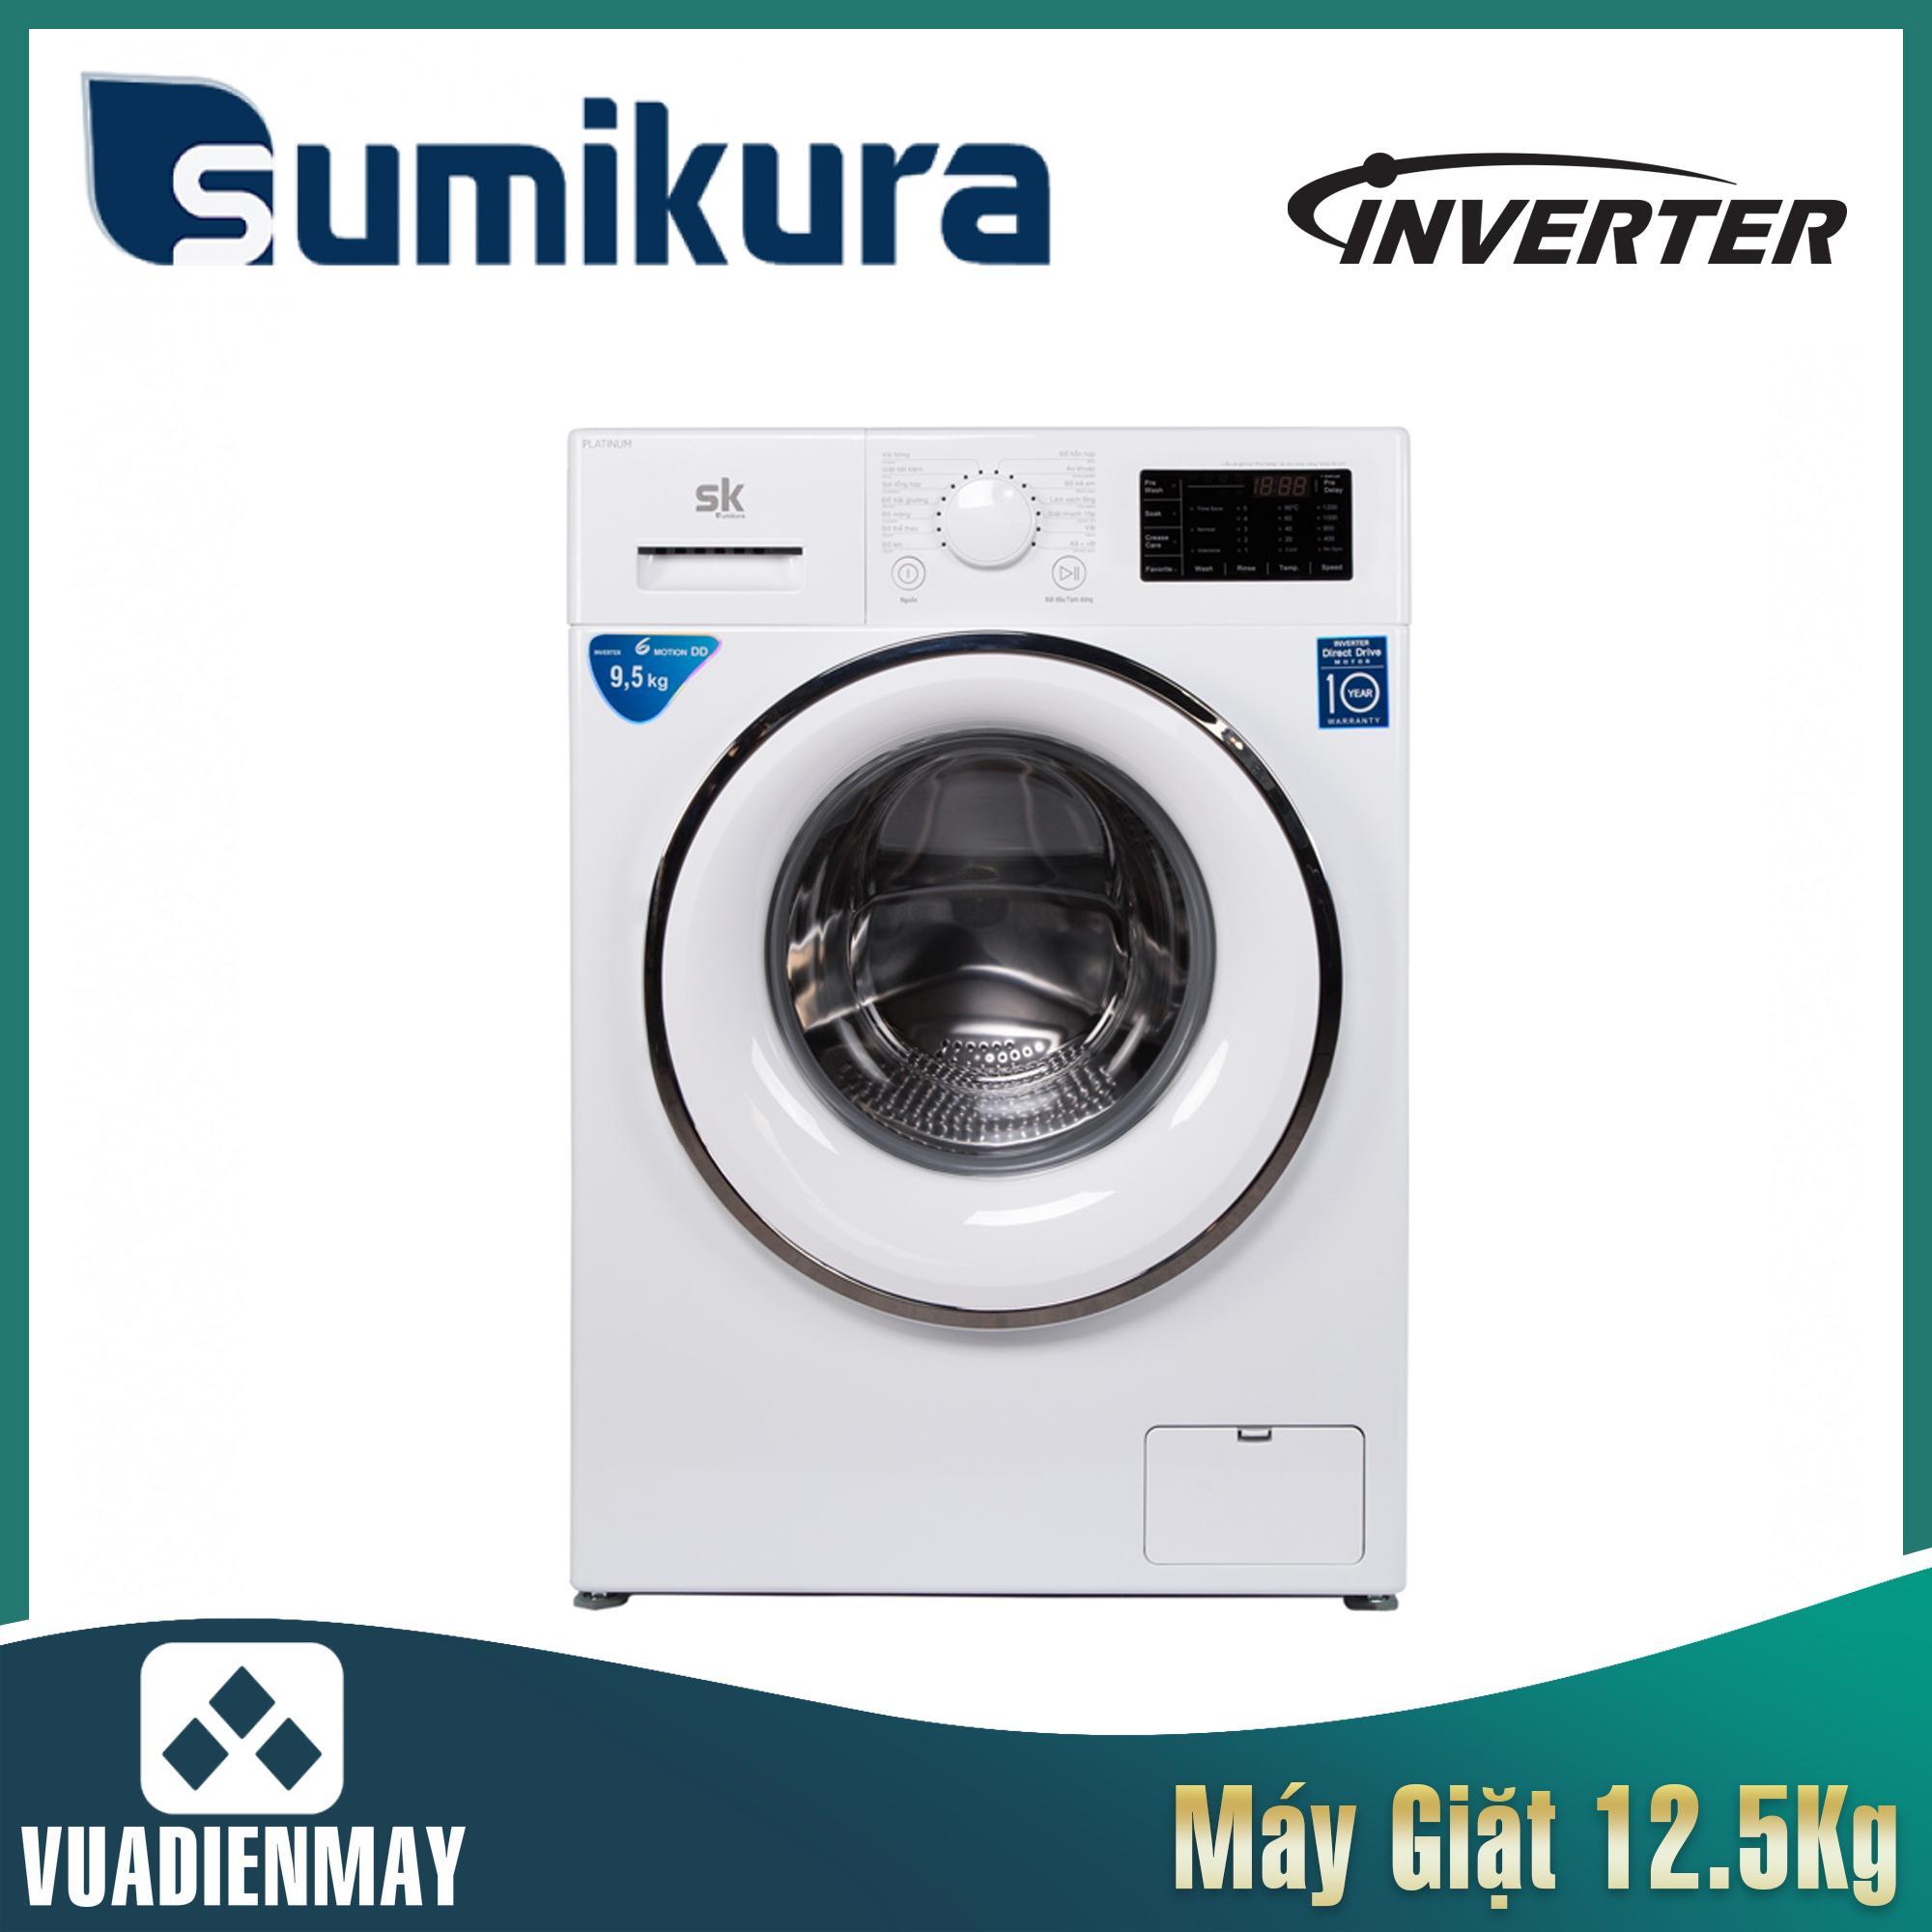 Máy giặt Sumikura  12.5kg lồng ngang